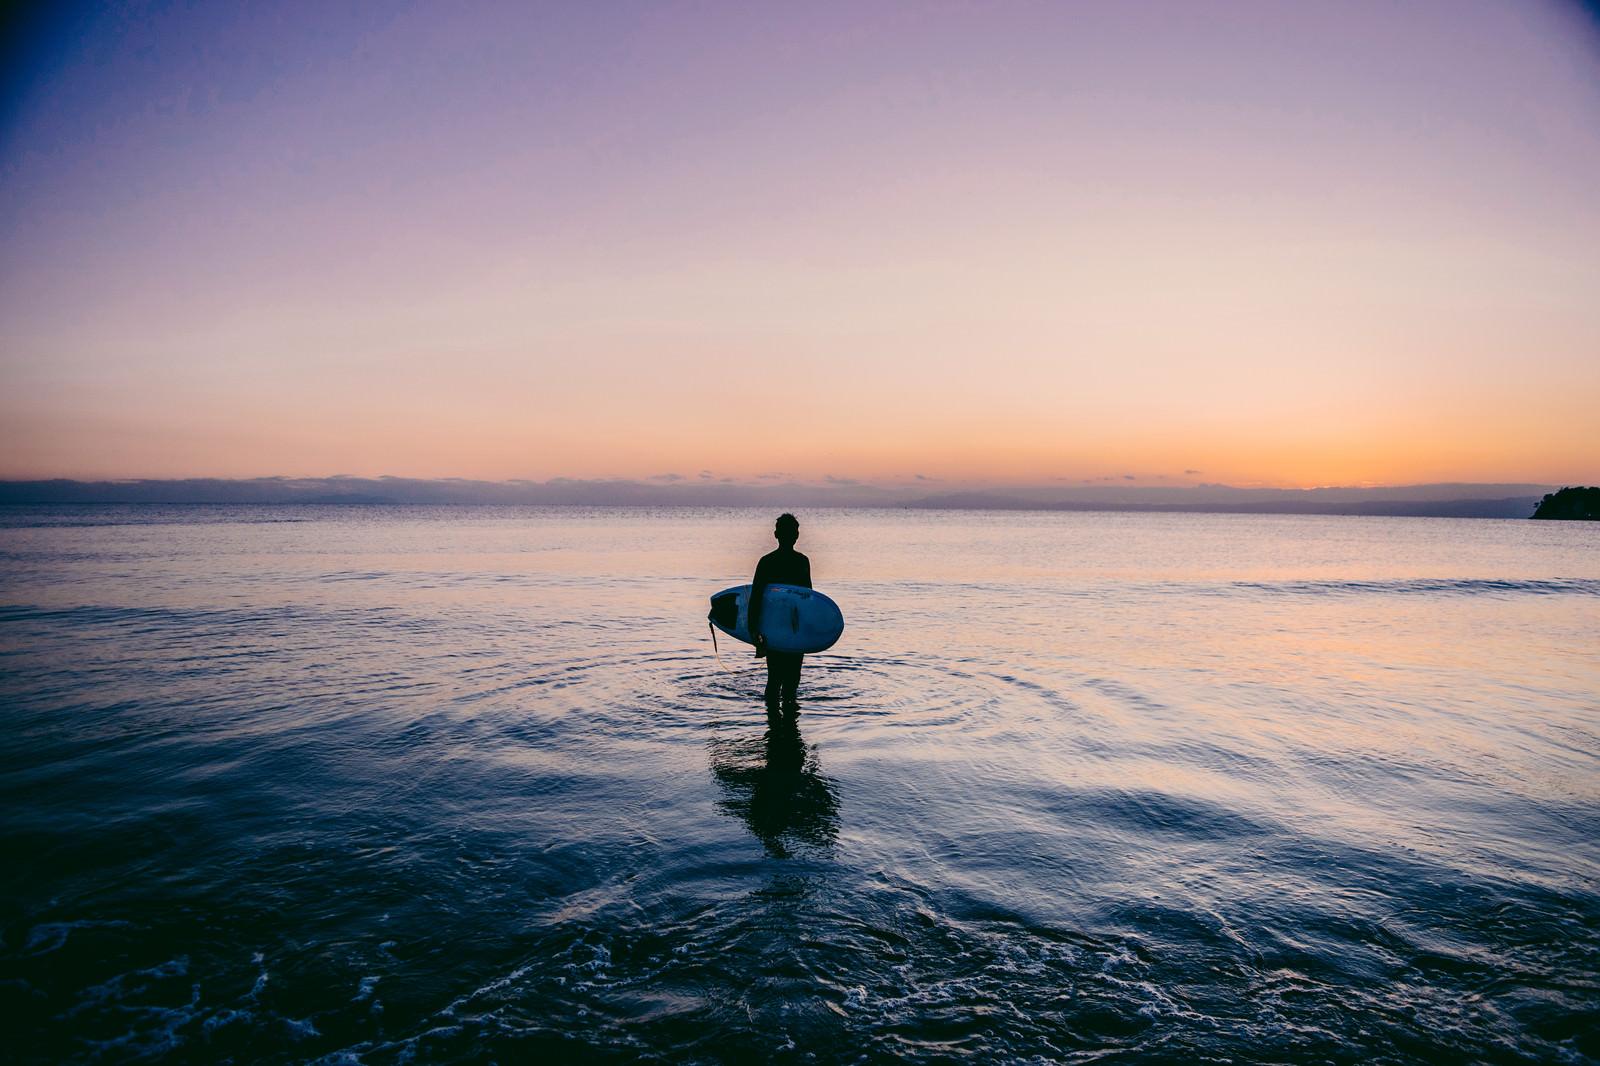 夕暮れの海に佇むサーファー 無料の写真素材はフリー素材のぱくたそ